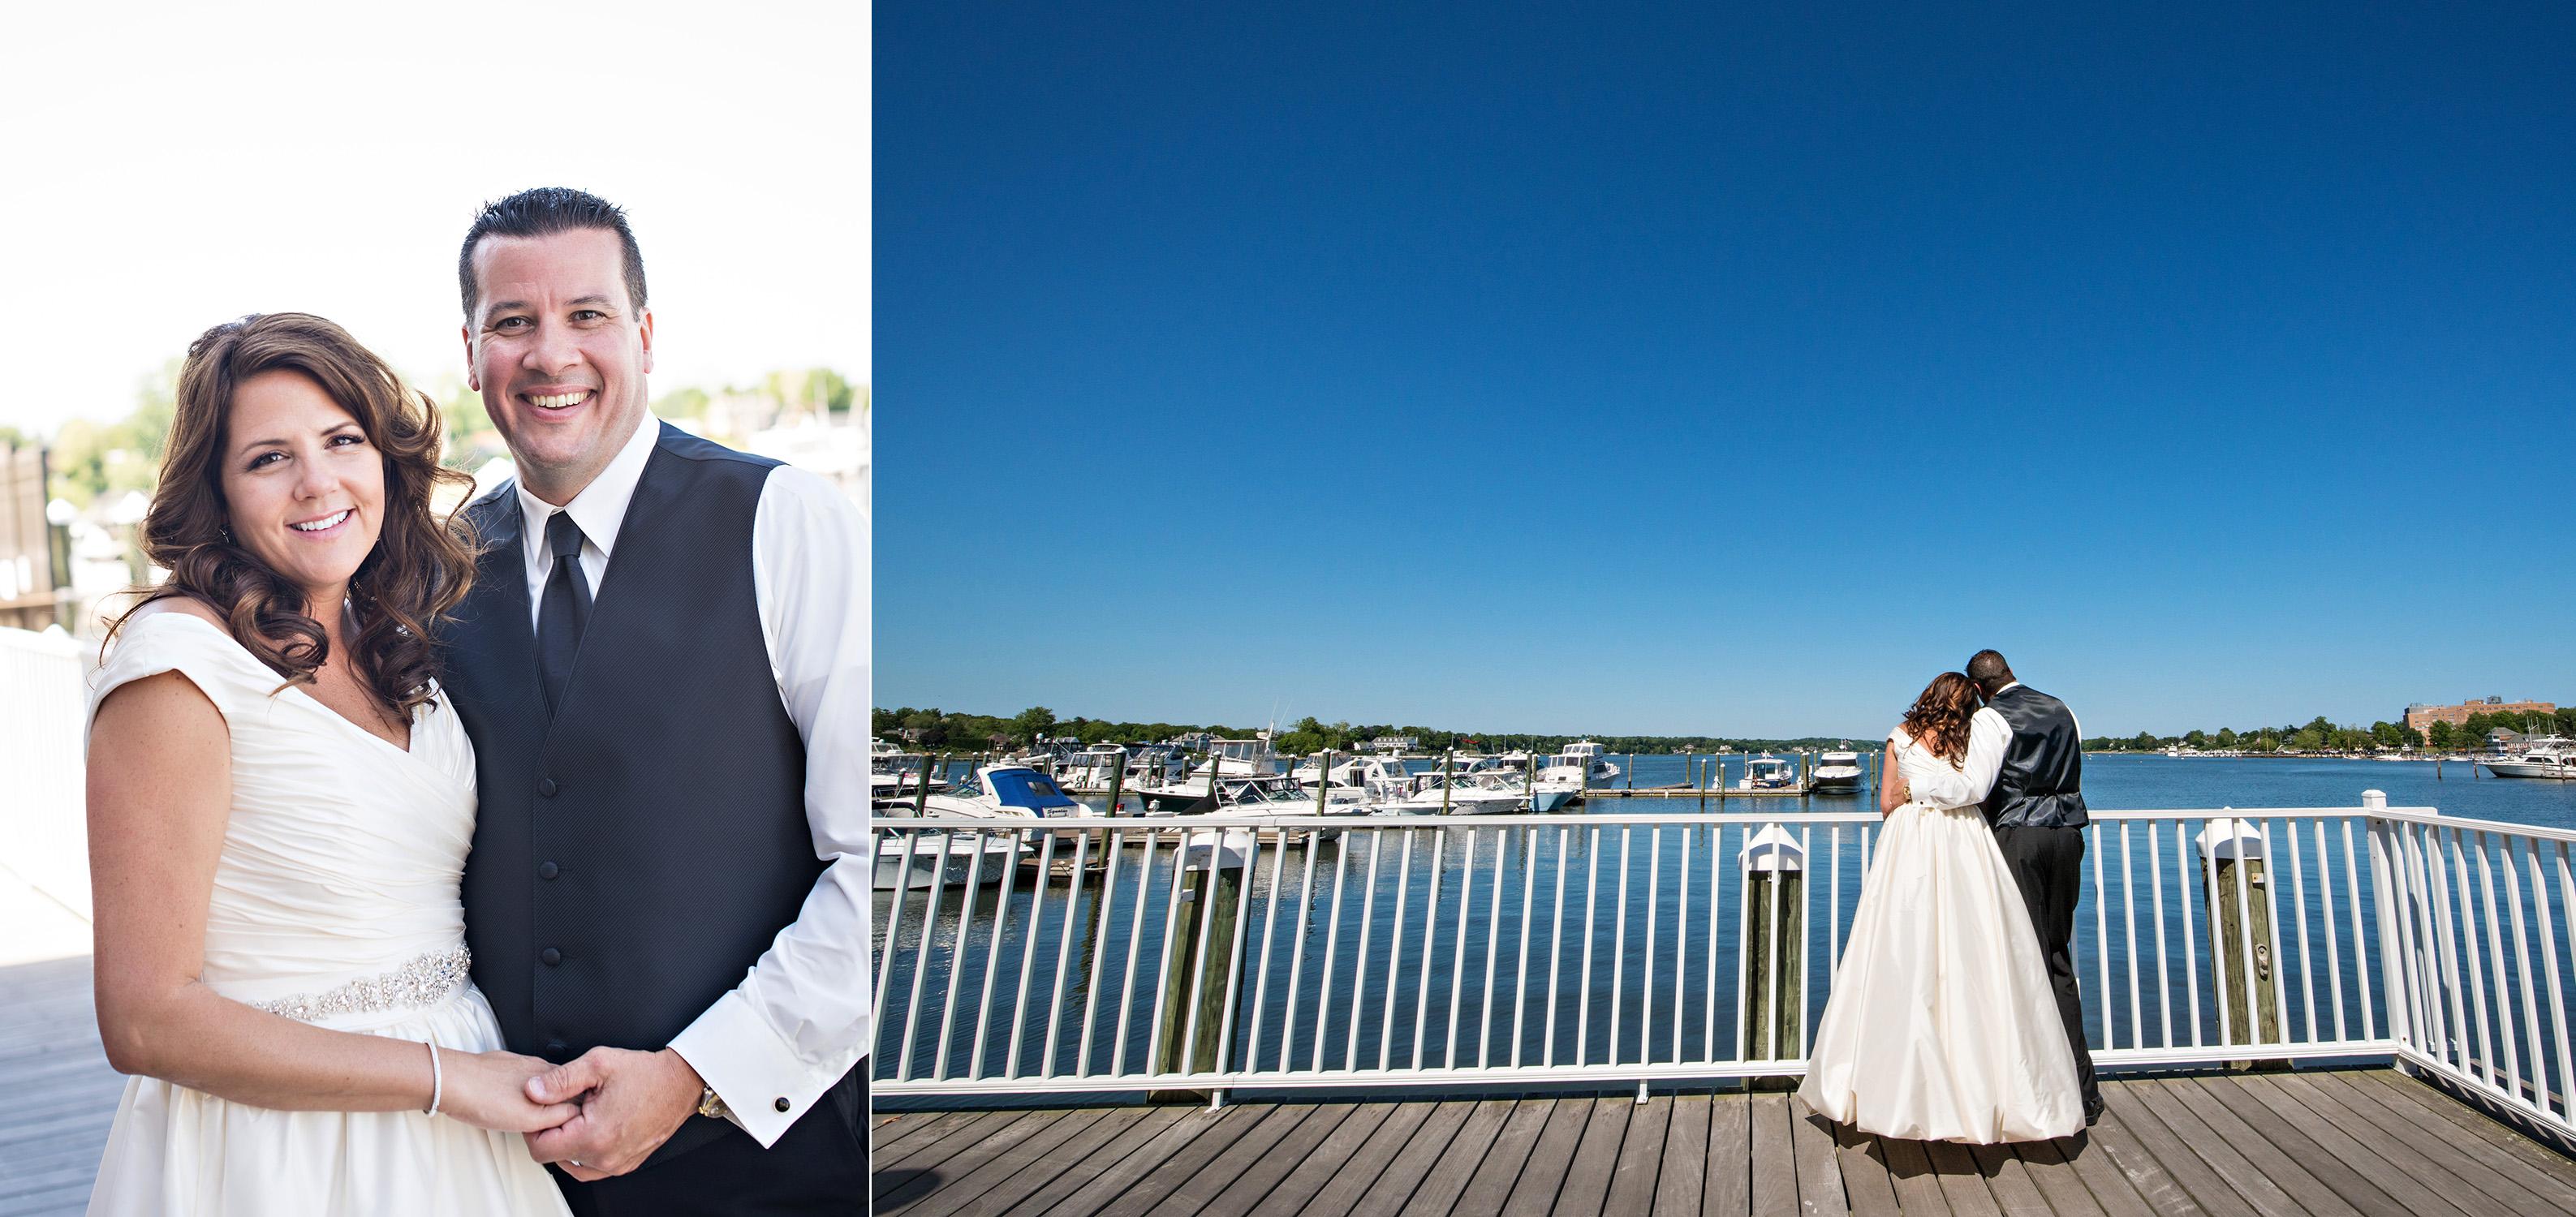 52-Sara Stadtmiller-SRS-Photography-Asbury-Park-Wedding-Photographer-Monmouth-County-Wedding-Photographer-NJ-Wedding-Photographer-Molly-Pitcher-Inn-Wedding